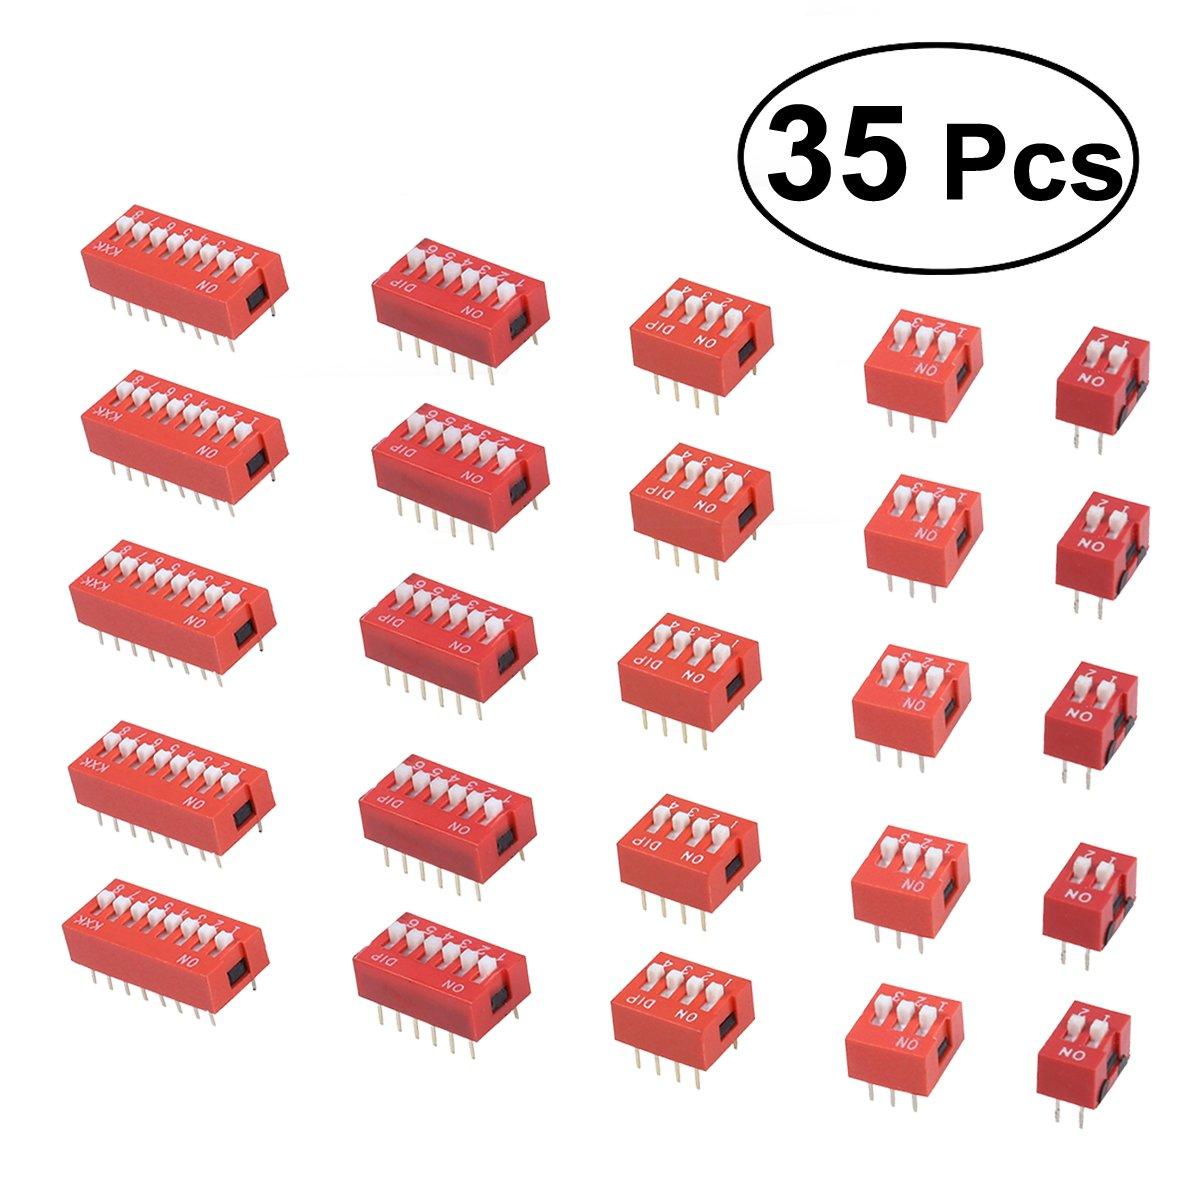 ueetek Schiebeschalter Dip-35pcs Schalter-Codierung von Elektronenkonfiguration fü r Leiterplatte